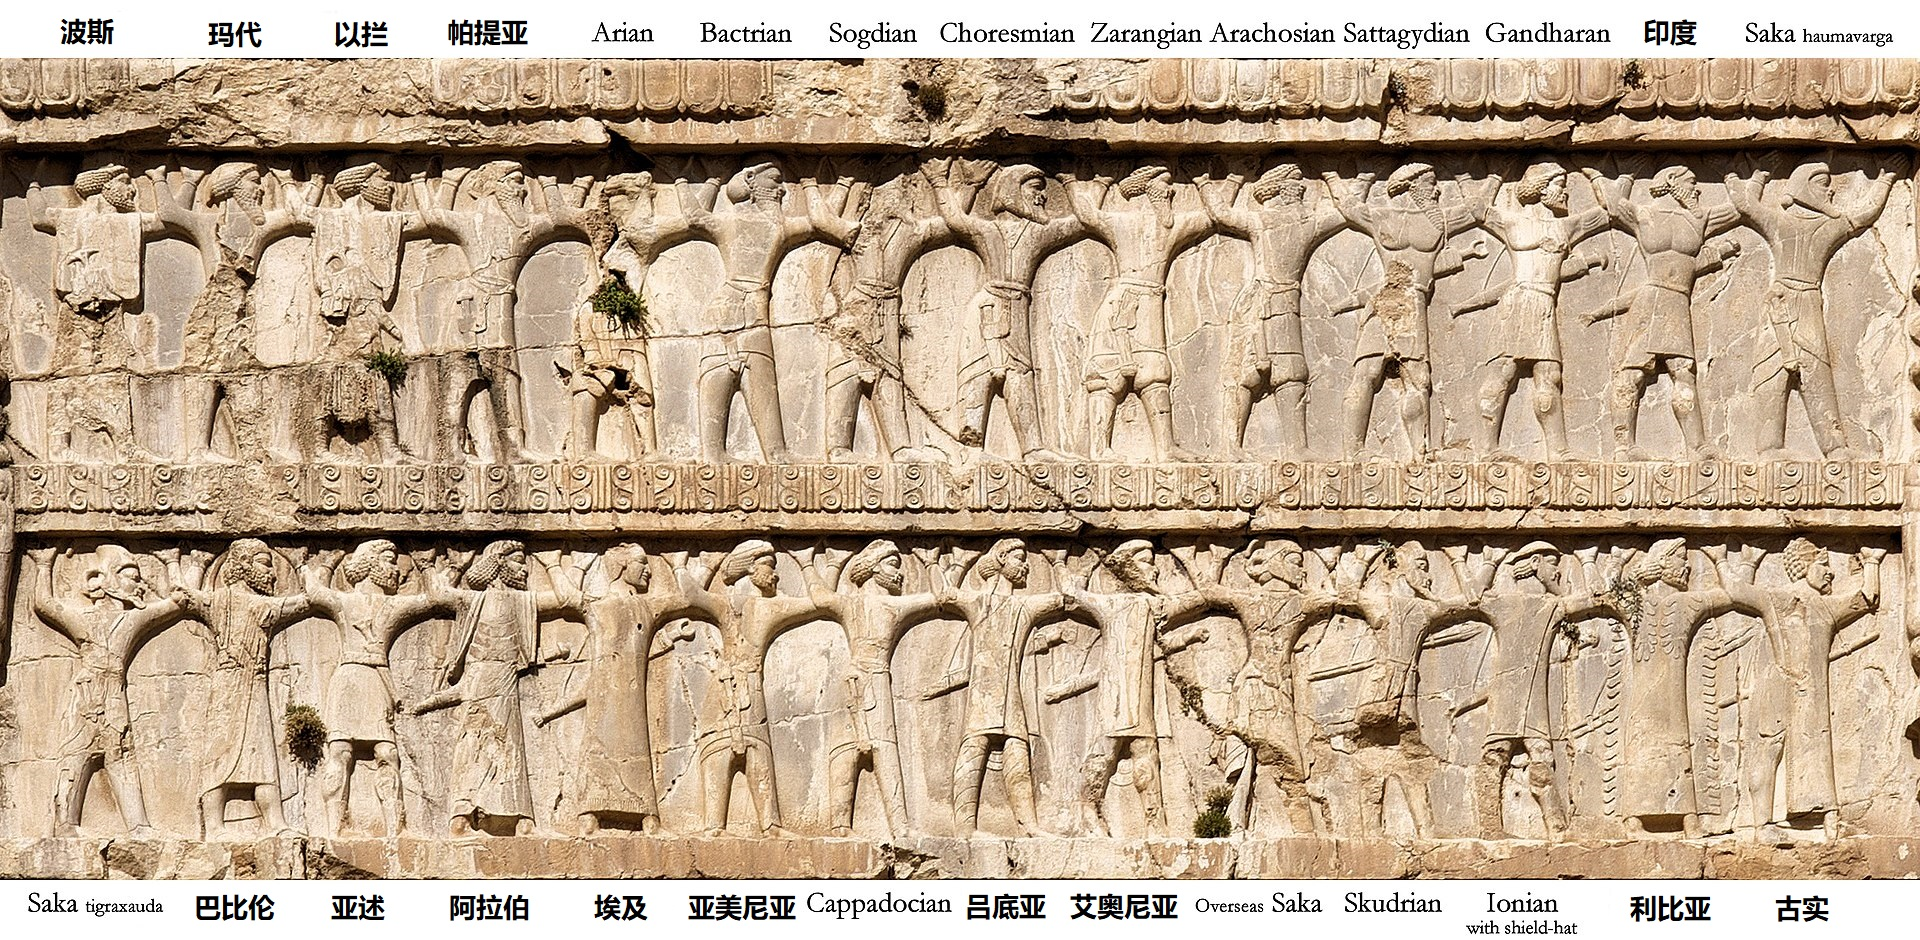 上图:亚哈随鲁王墓上所刻的各族士兵。根据希罗多德(Herodotus)的记载,亚哈随鲁于主前480年春天从撒狄(Sardis)出发远征希腊,一百万波斯大军由帝国境内的各族士兵组成,包括:亚述人(Assyrians)、腓尼基人(Phoenicians)、巴比伦人(Babylonians)、埃及人(Egyptians)、犹太人(Jews)、马其顿人(Macedonians)、欧洲色雷斯人(European Thracians)、皮奥尼亚人(Paeonians)、亚该亚的希腊人(Achaean Greeks)、艾奥尼亚人(Ionians)、爱琴海的岛民(Aegean islanders)、爱奥尼亚人(Aeolians)、本都的希腊人(Greeks from Pontus)、科尔基斯人(Colchians)、印度人(Indians)等等,实际可能是6万名战士。因此,在所以在远征希腊之前,需要与各族的贵胄和首领商议「一百八十日」(斯一4)。